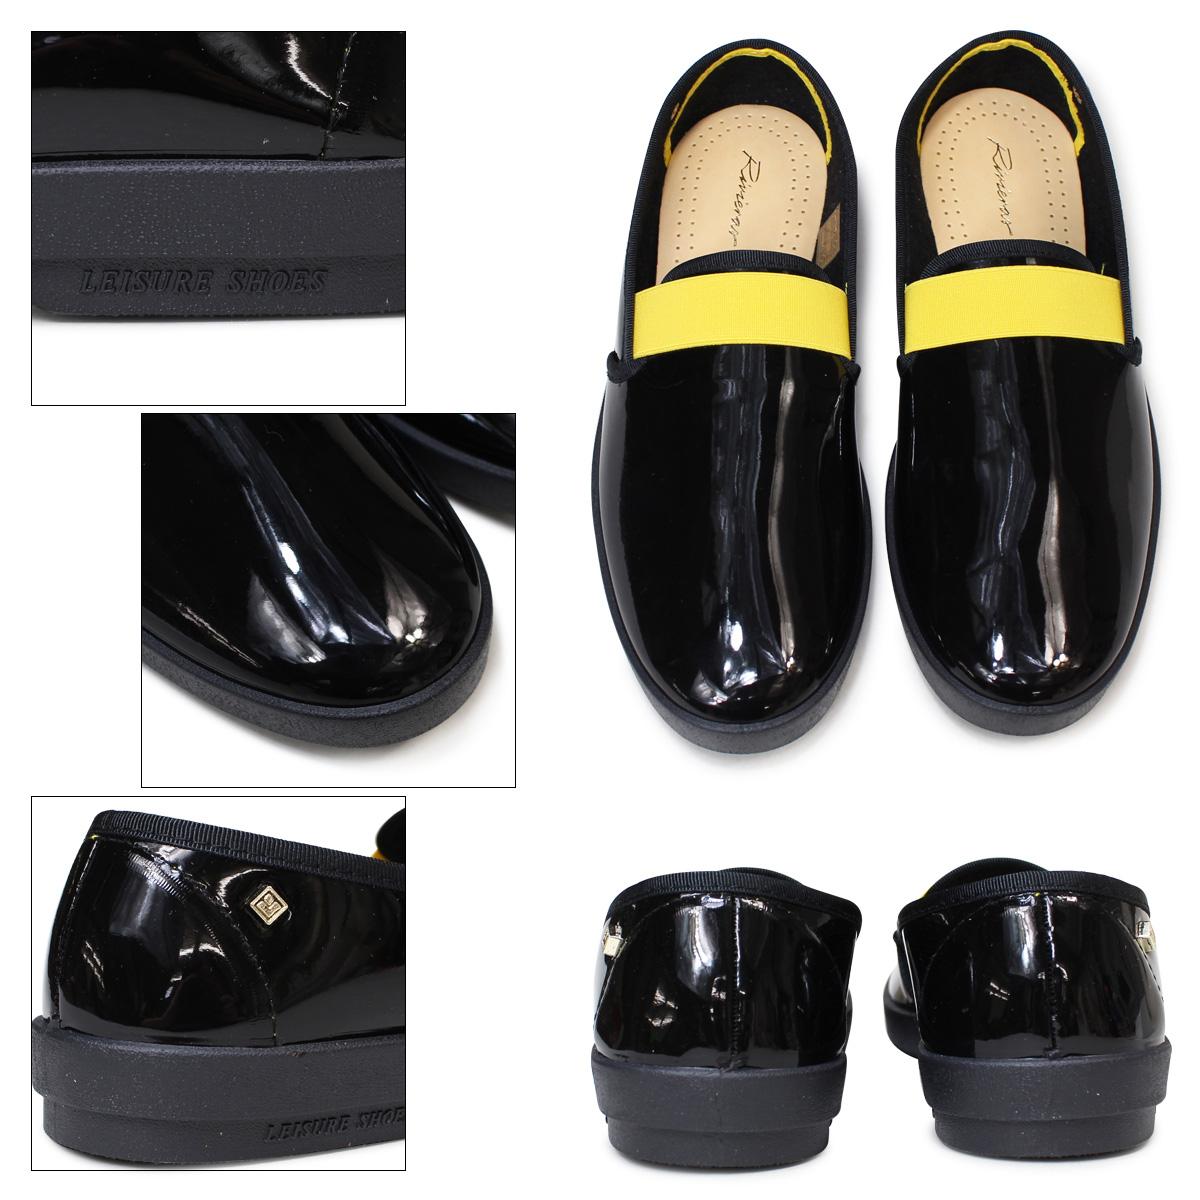 里维埃拉懒汉鞋RIVIERAS人VINYL SMORKING 1447 1448 1449鞋[2/3新进货]